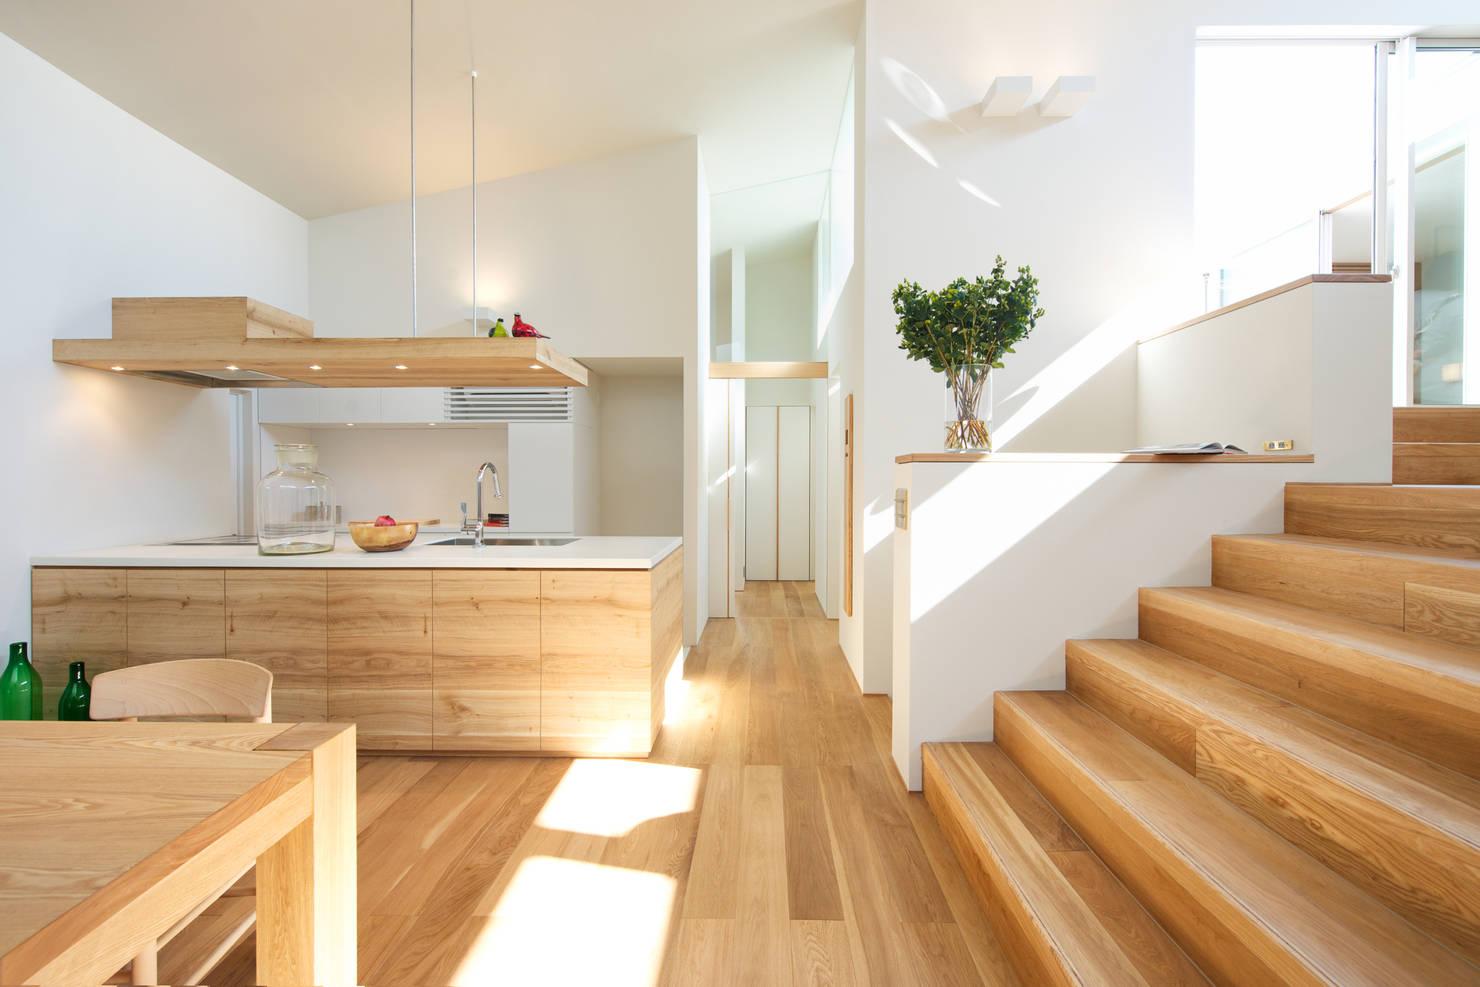 작아서 더 예쁘다, 3평 이하의 소형 주방 디자인 9